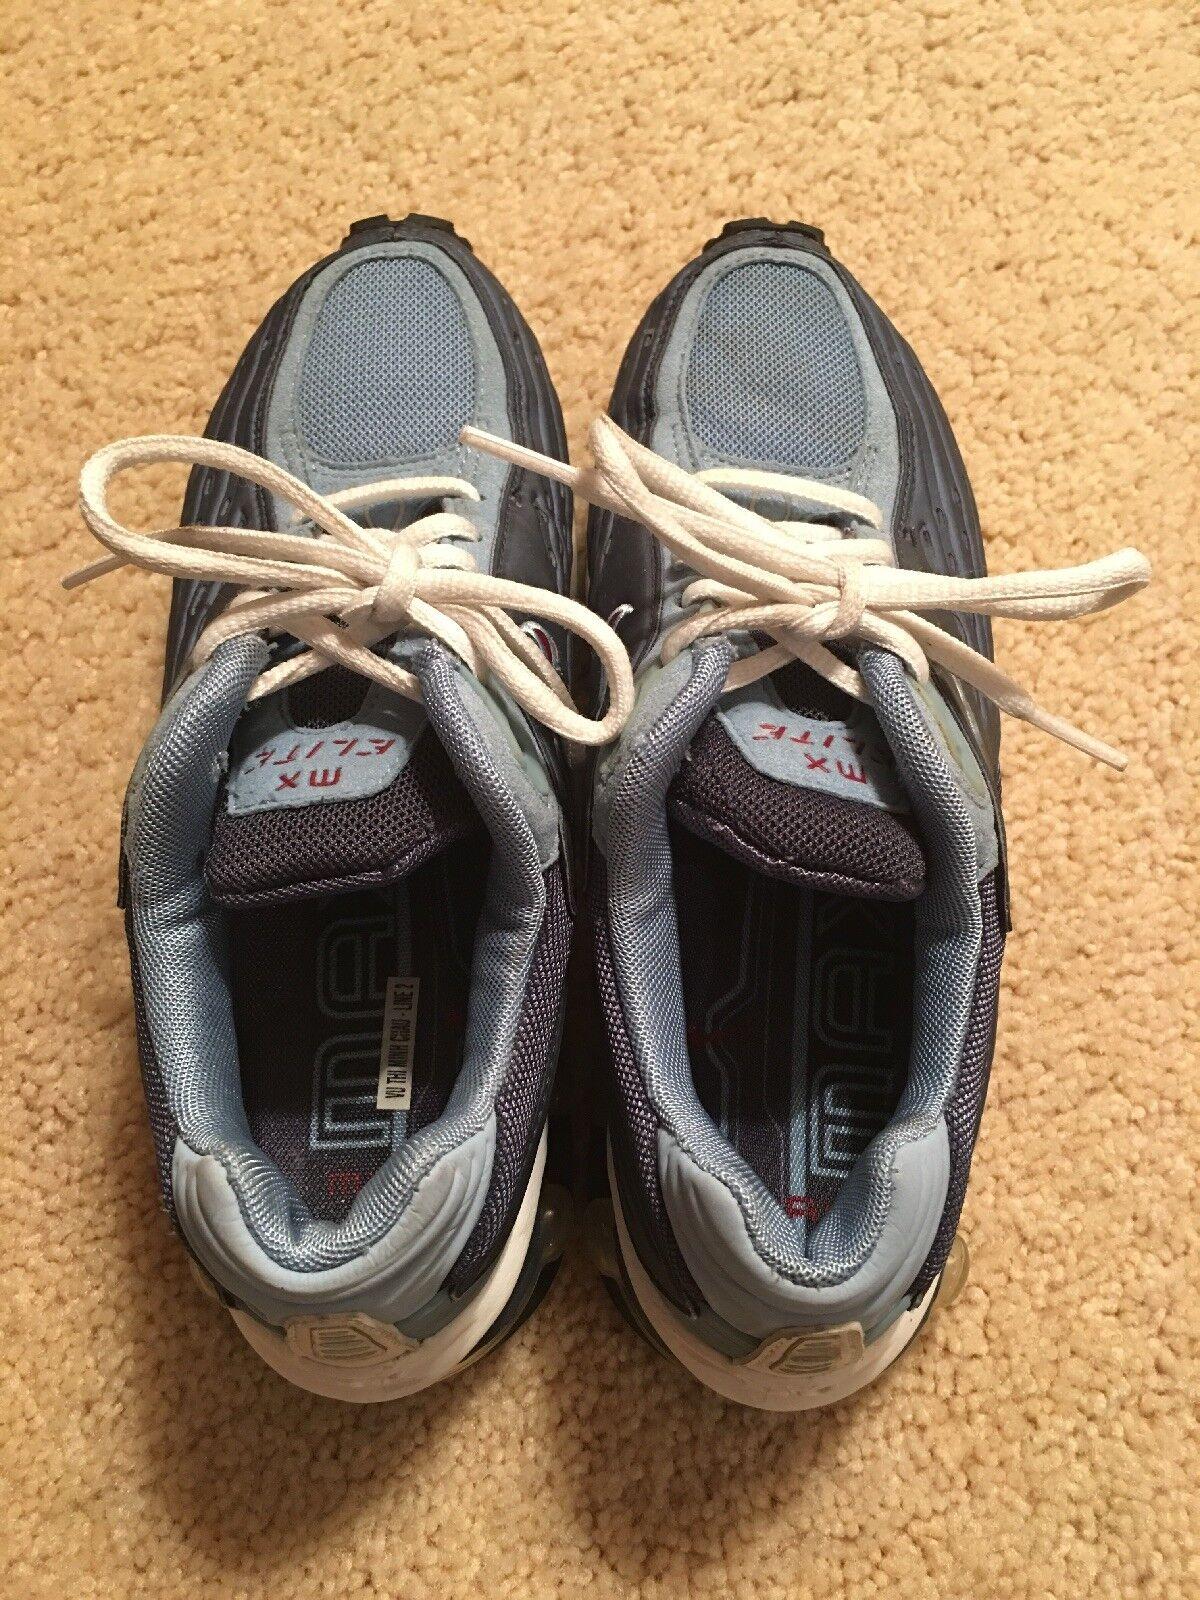 Nike Air Max 02 Donne Noi Noi Donne 7 Vintage Mx Elite Raro Nn. Uomotina Nessuna Scatola Blu 232285!! 4e3831